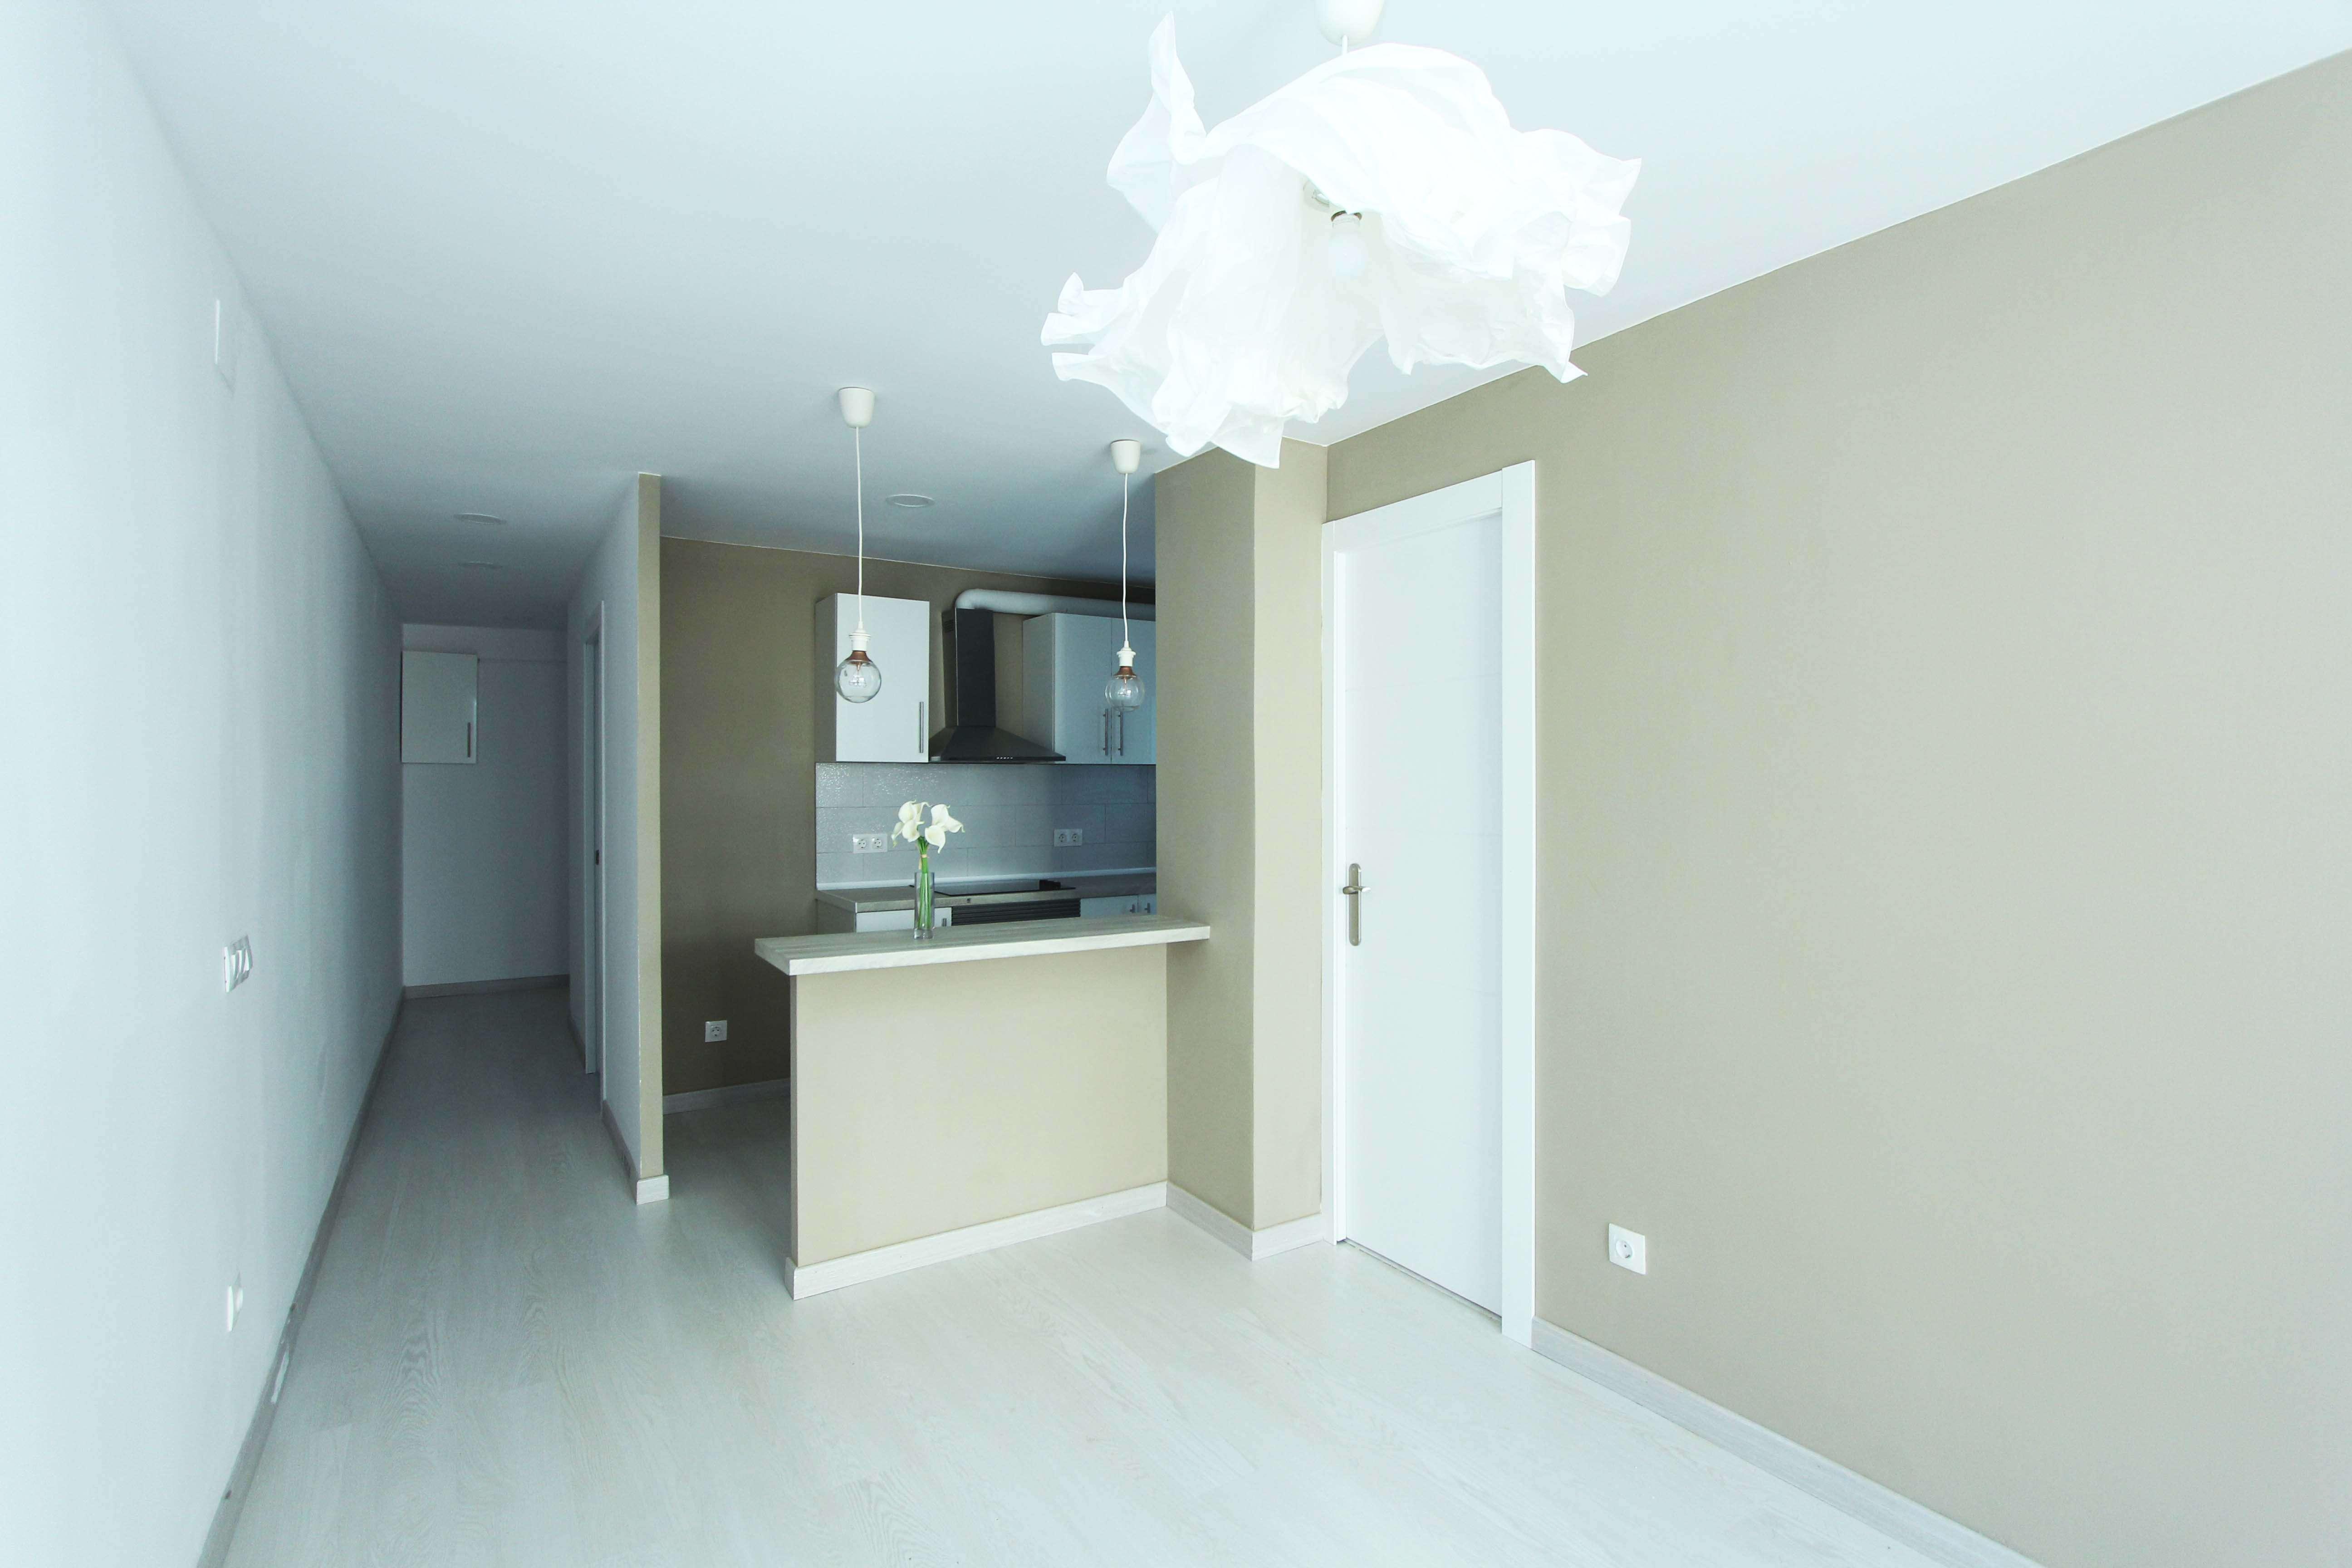 Квартира после ремонта в Эсплугес-де-Льобрегат